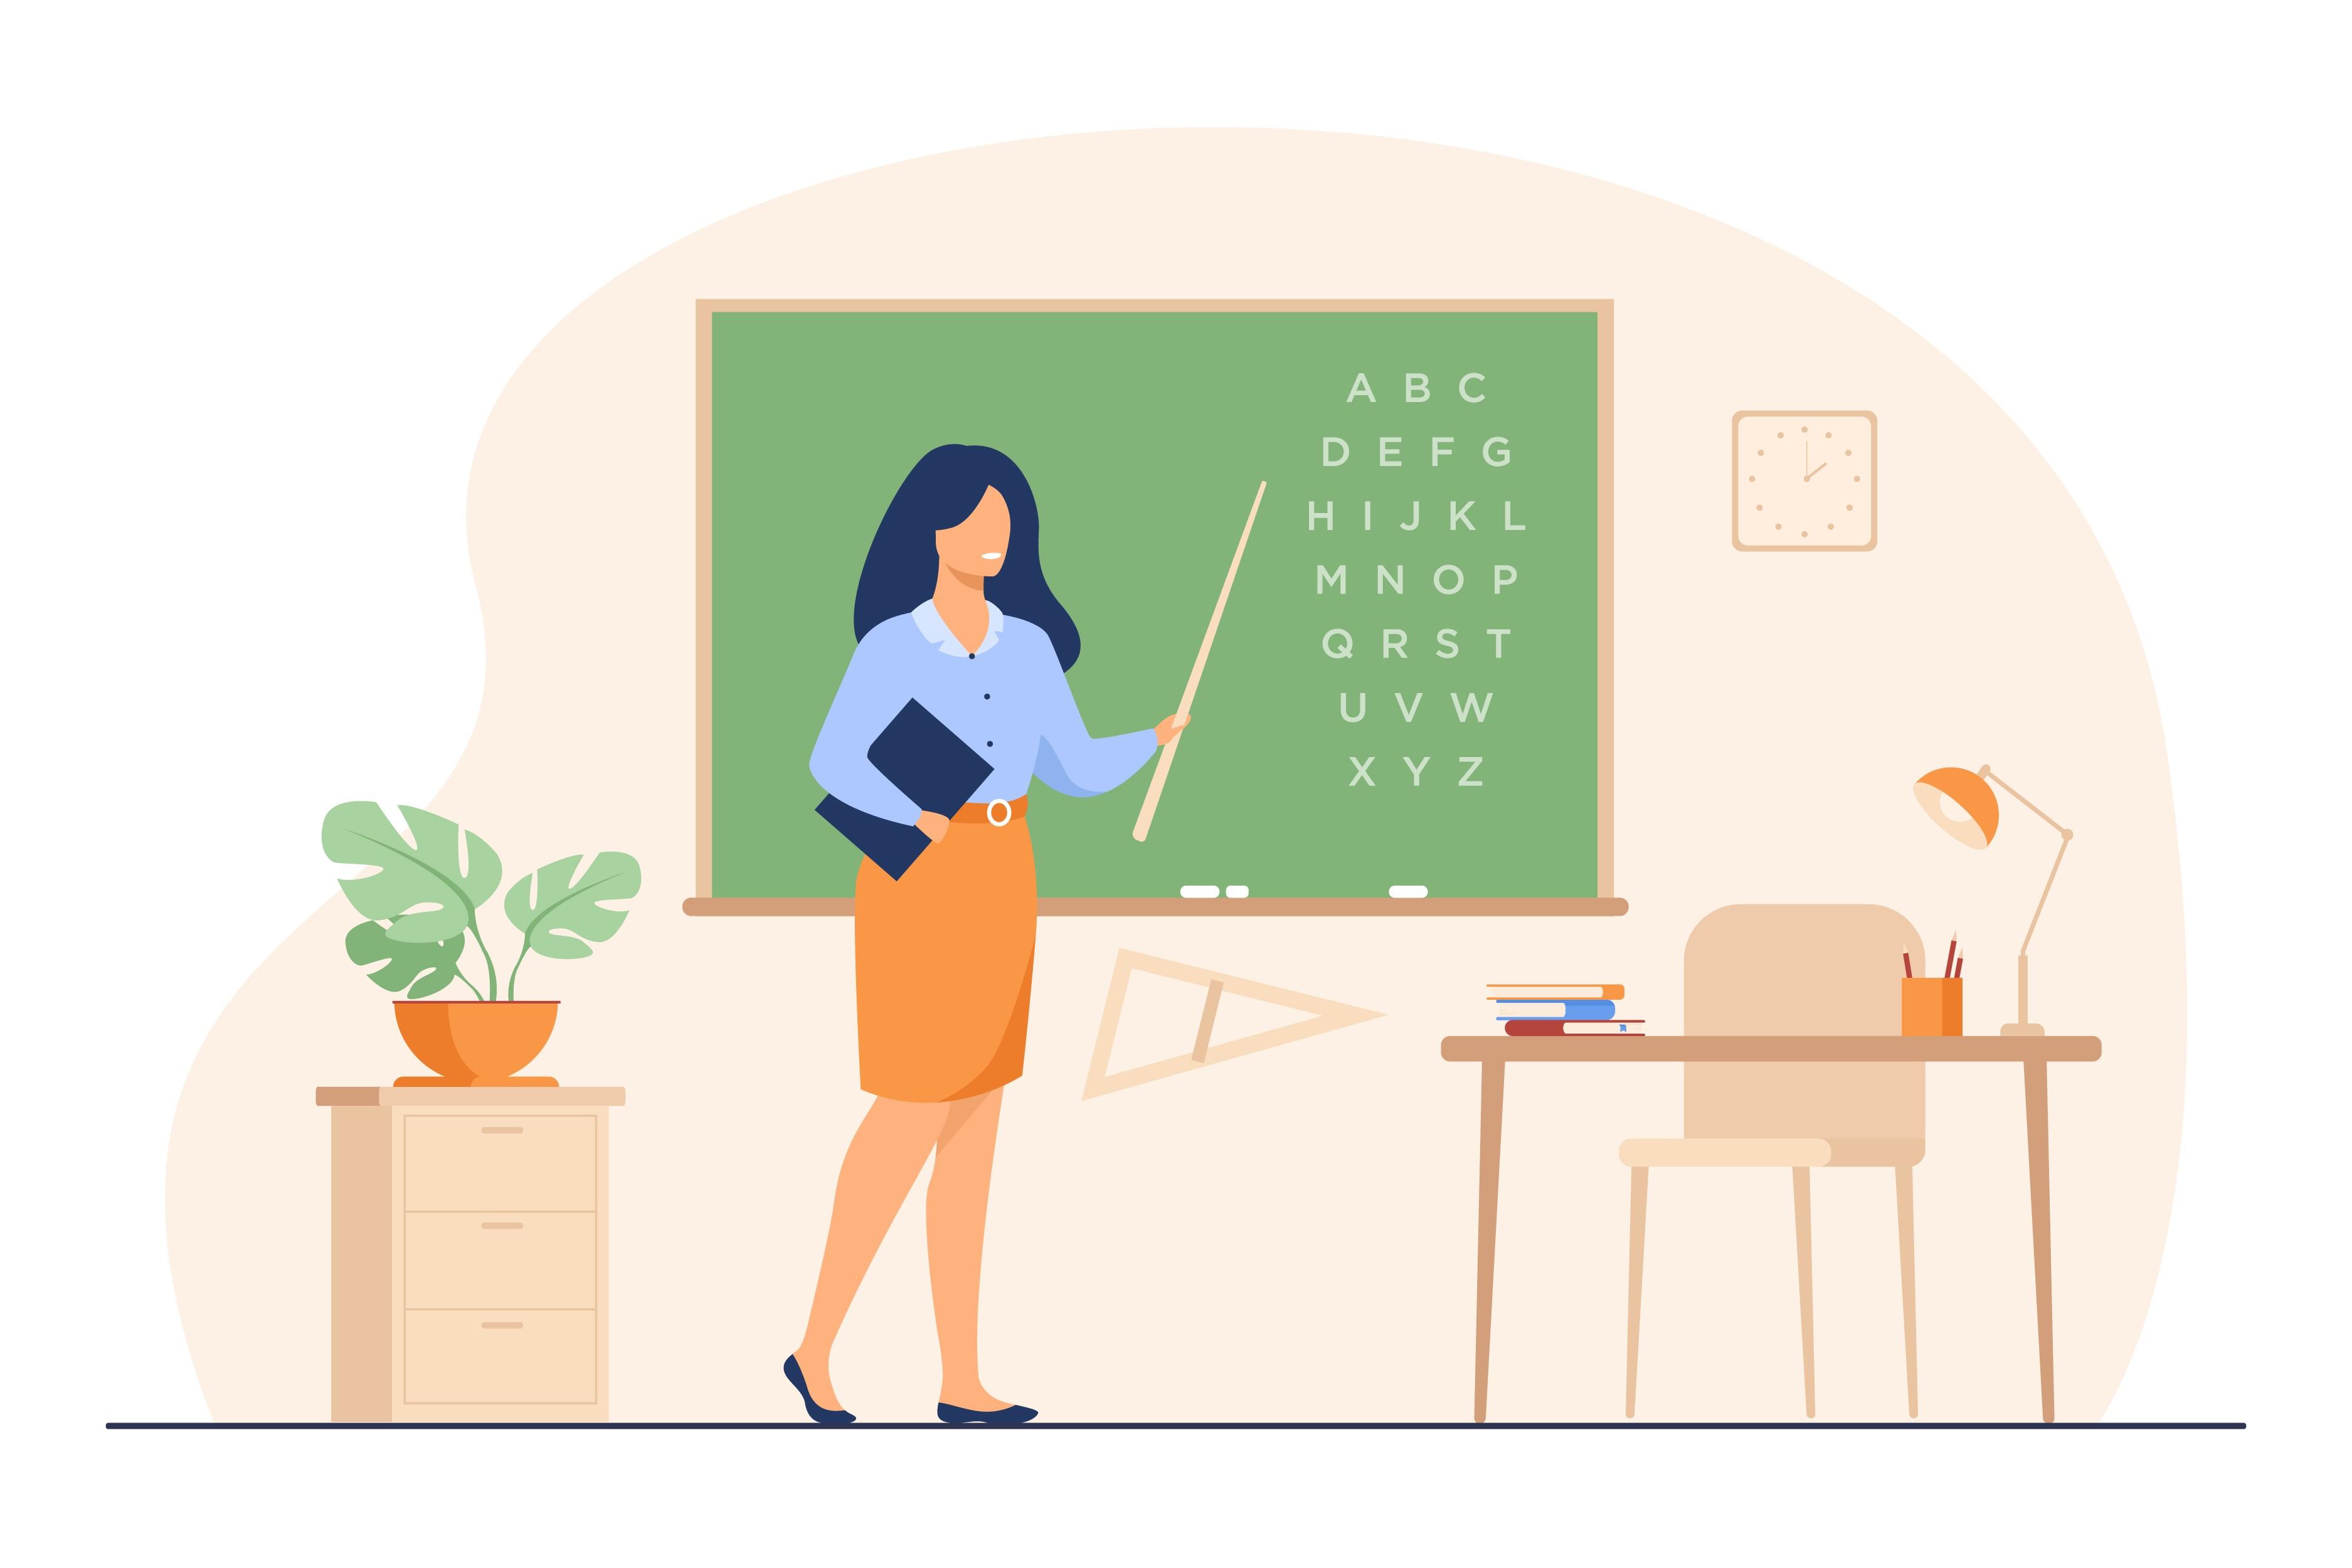 Các phương pháp dạy học tích cựchiệu quả